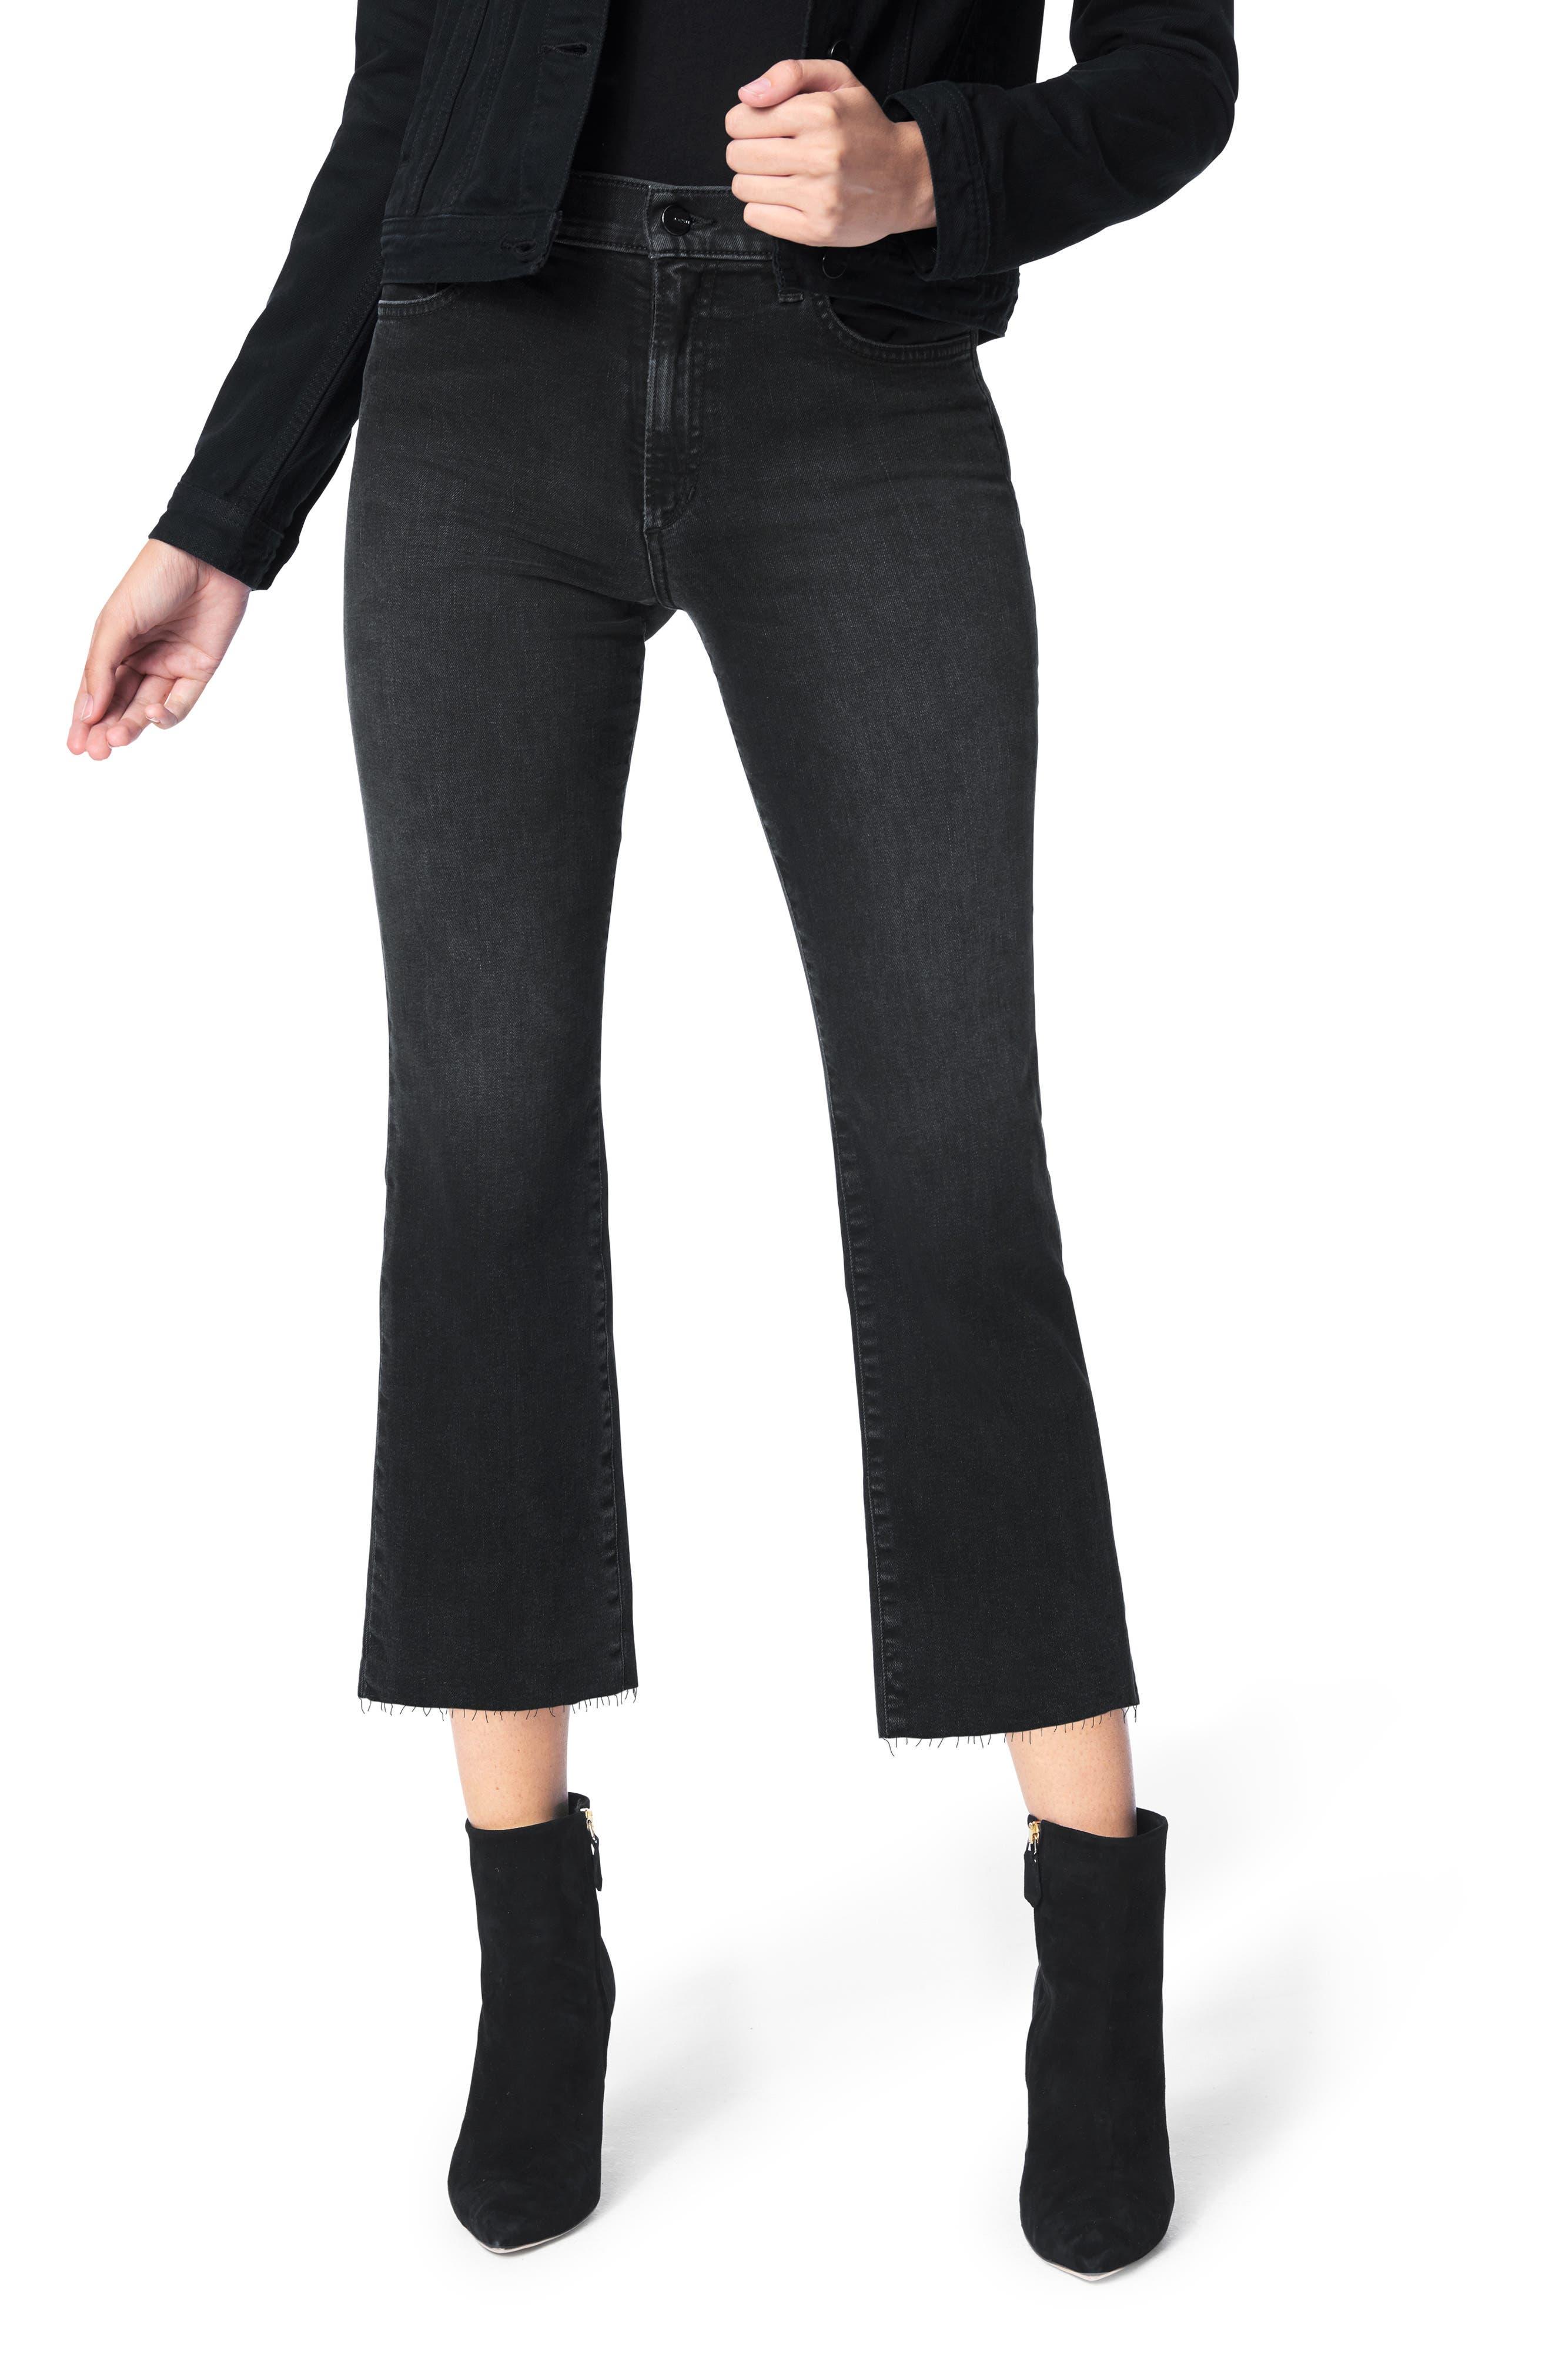 The Callie High Waist Raw Hem Crop Jeans